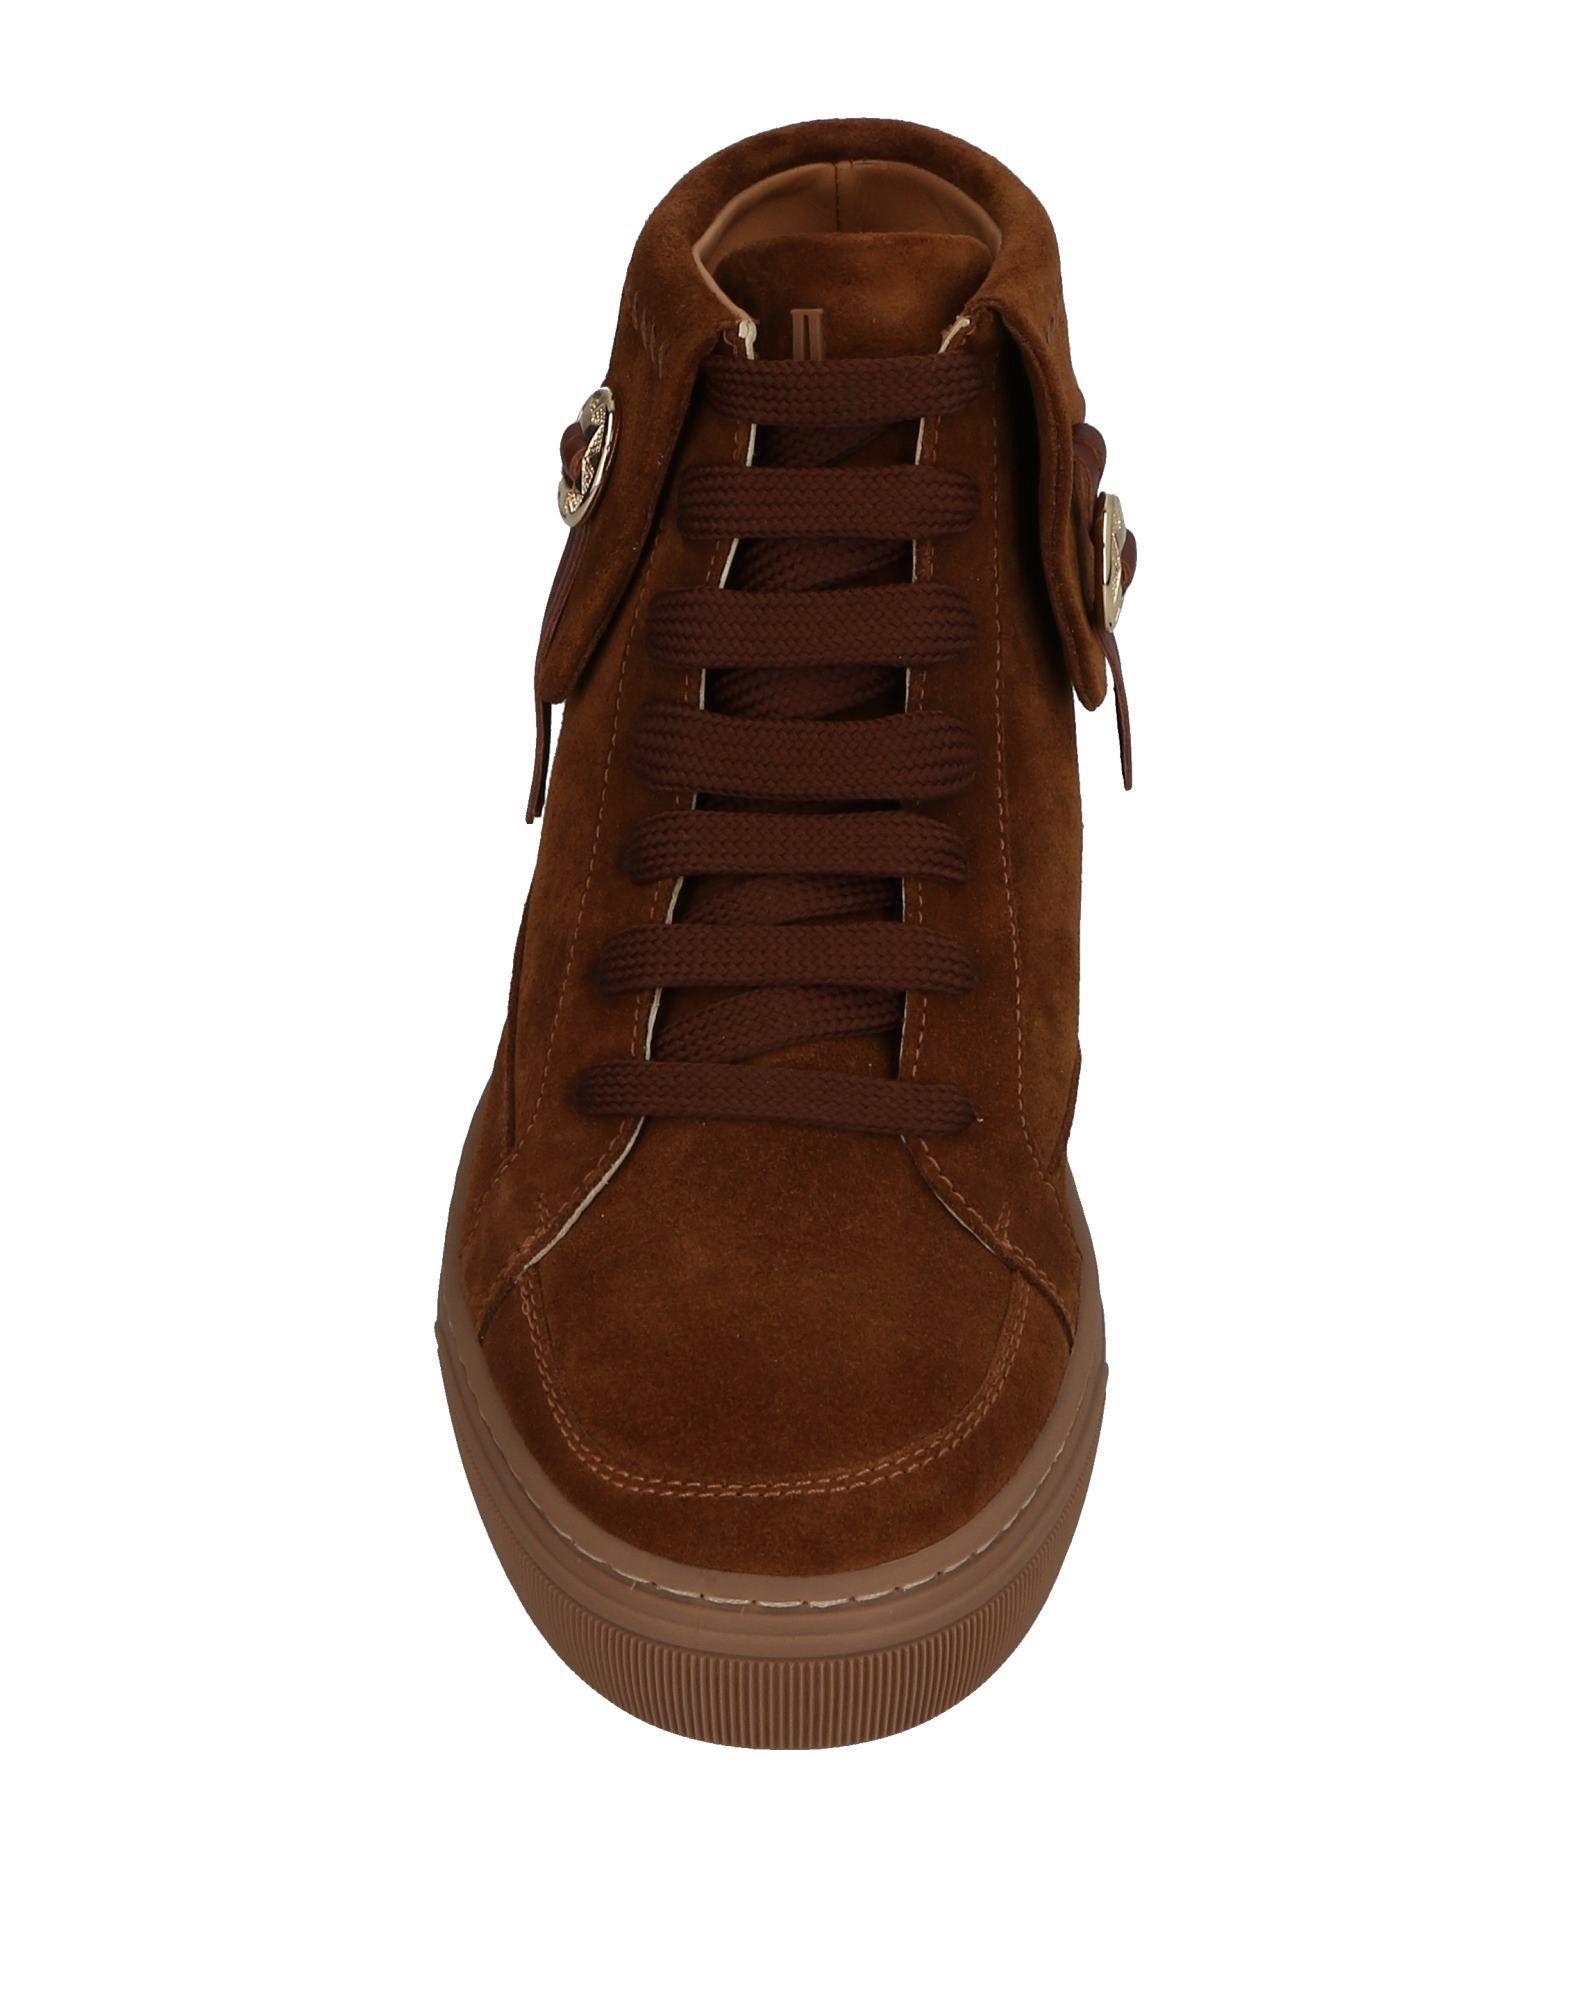 Louis Leeman Sneakers Herren Neue  11418191TB Neue Herren Schuhe 767fa2